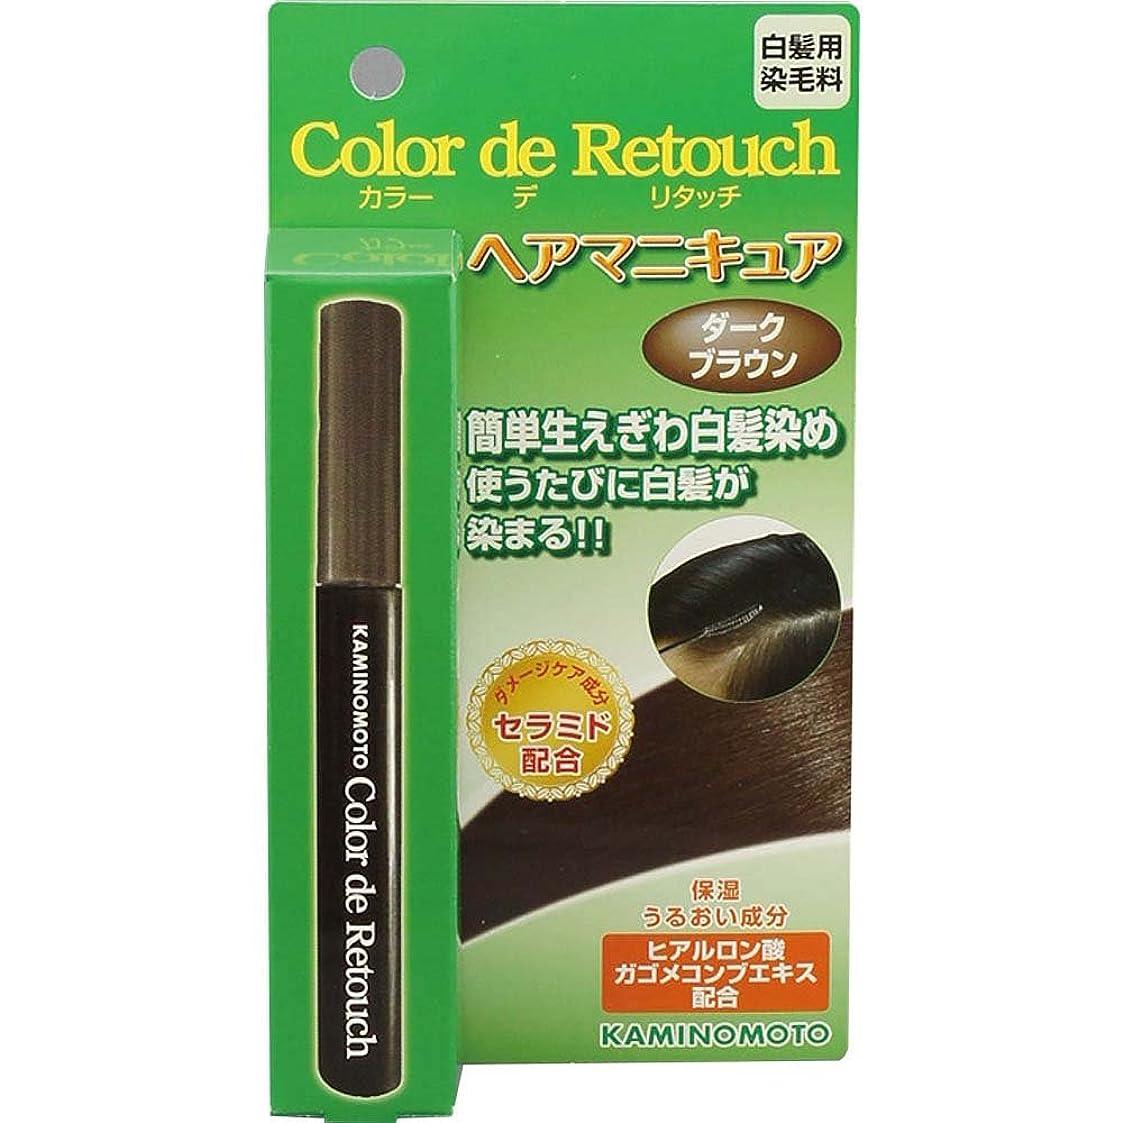 デモンストレーションシーフードパントリー加美乃素 カラー デ リタッチ ダークブラウン 10mL